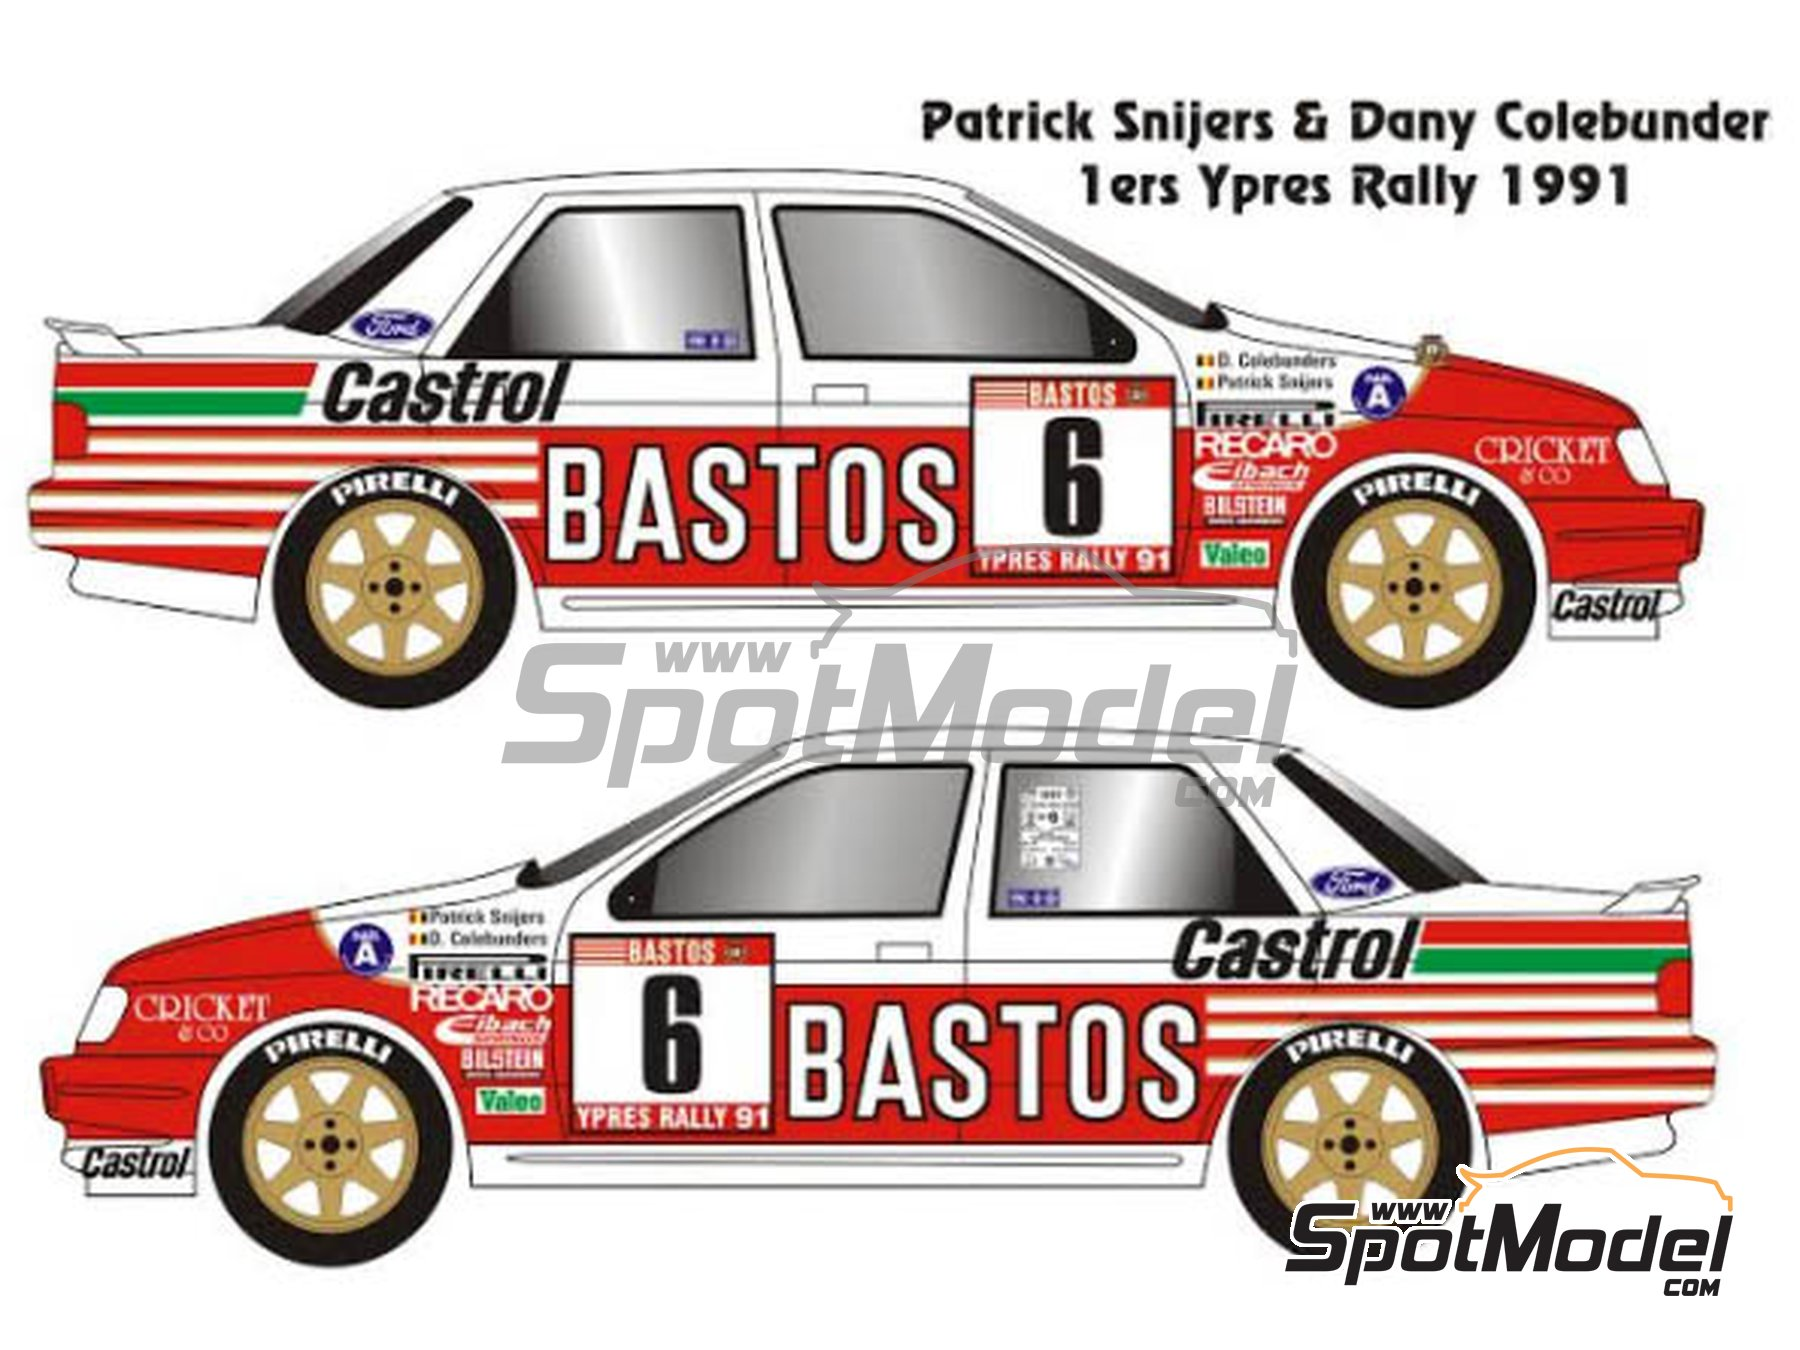 Image 1: Ford Sierra Cosworth 4x4 Grupo A Bastos Castrol - Rally de Ypres de Belgica, Rallye Critérium des Cévennes 1991 | Maqueta de coche en escala1/24 fabricado por Renaissance Models (ref.CTR2424)